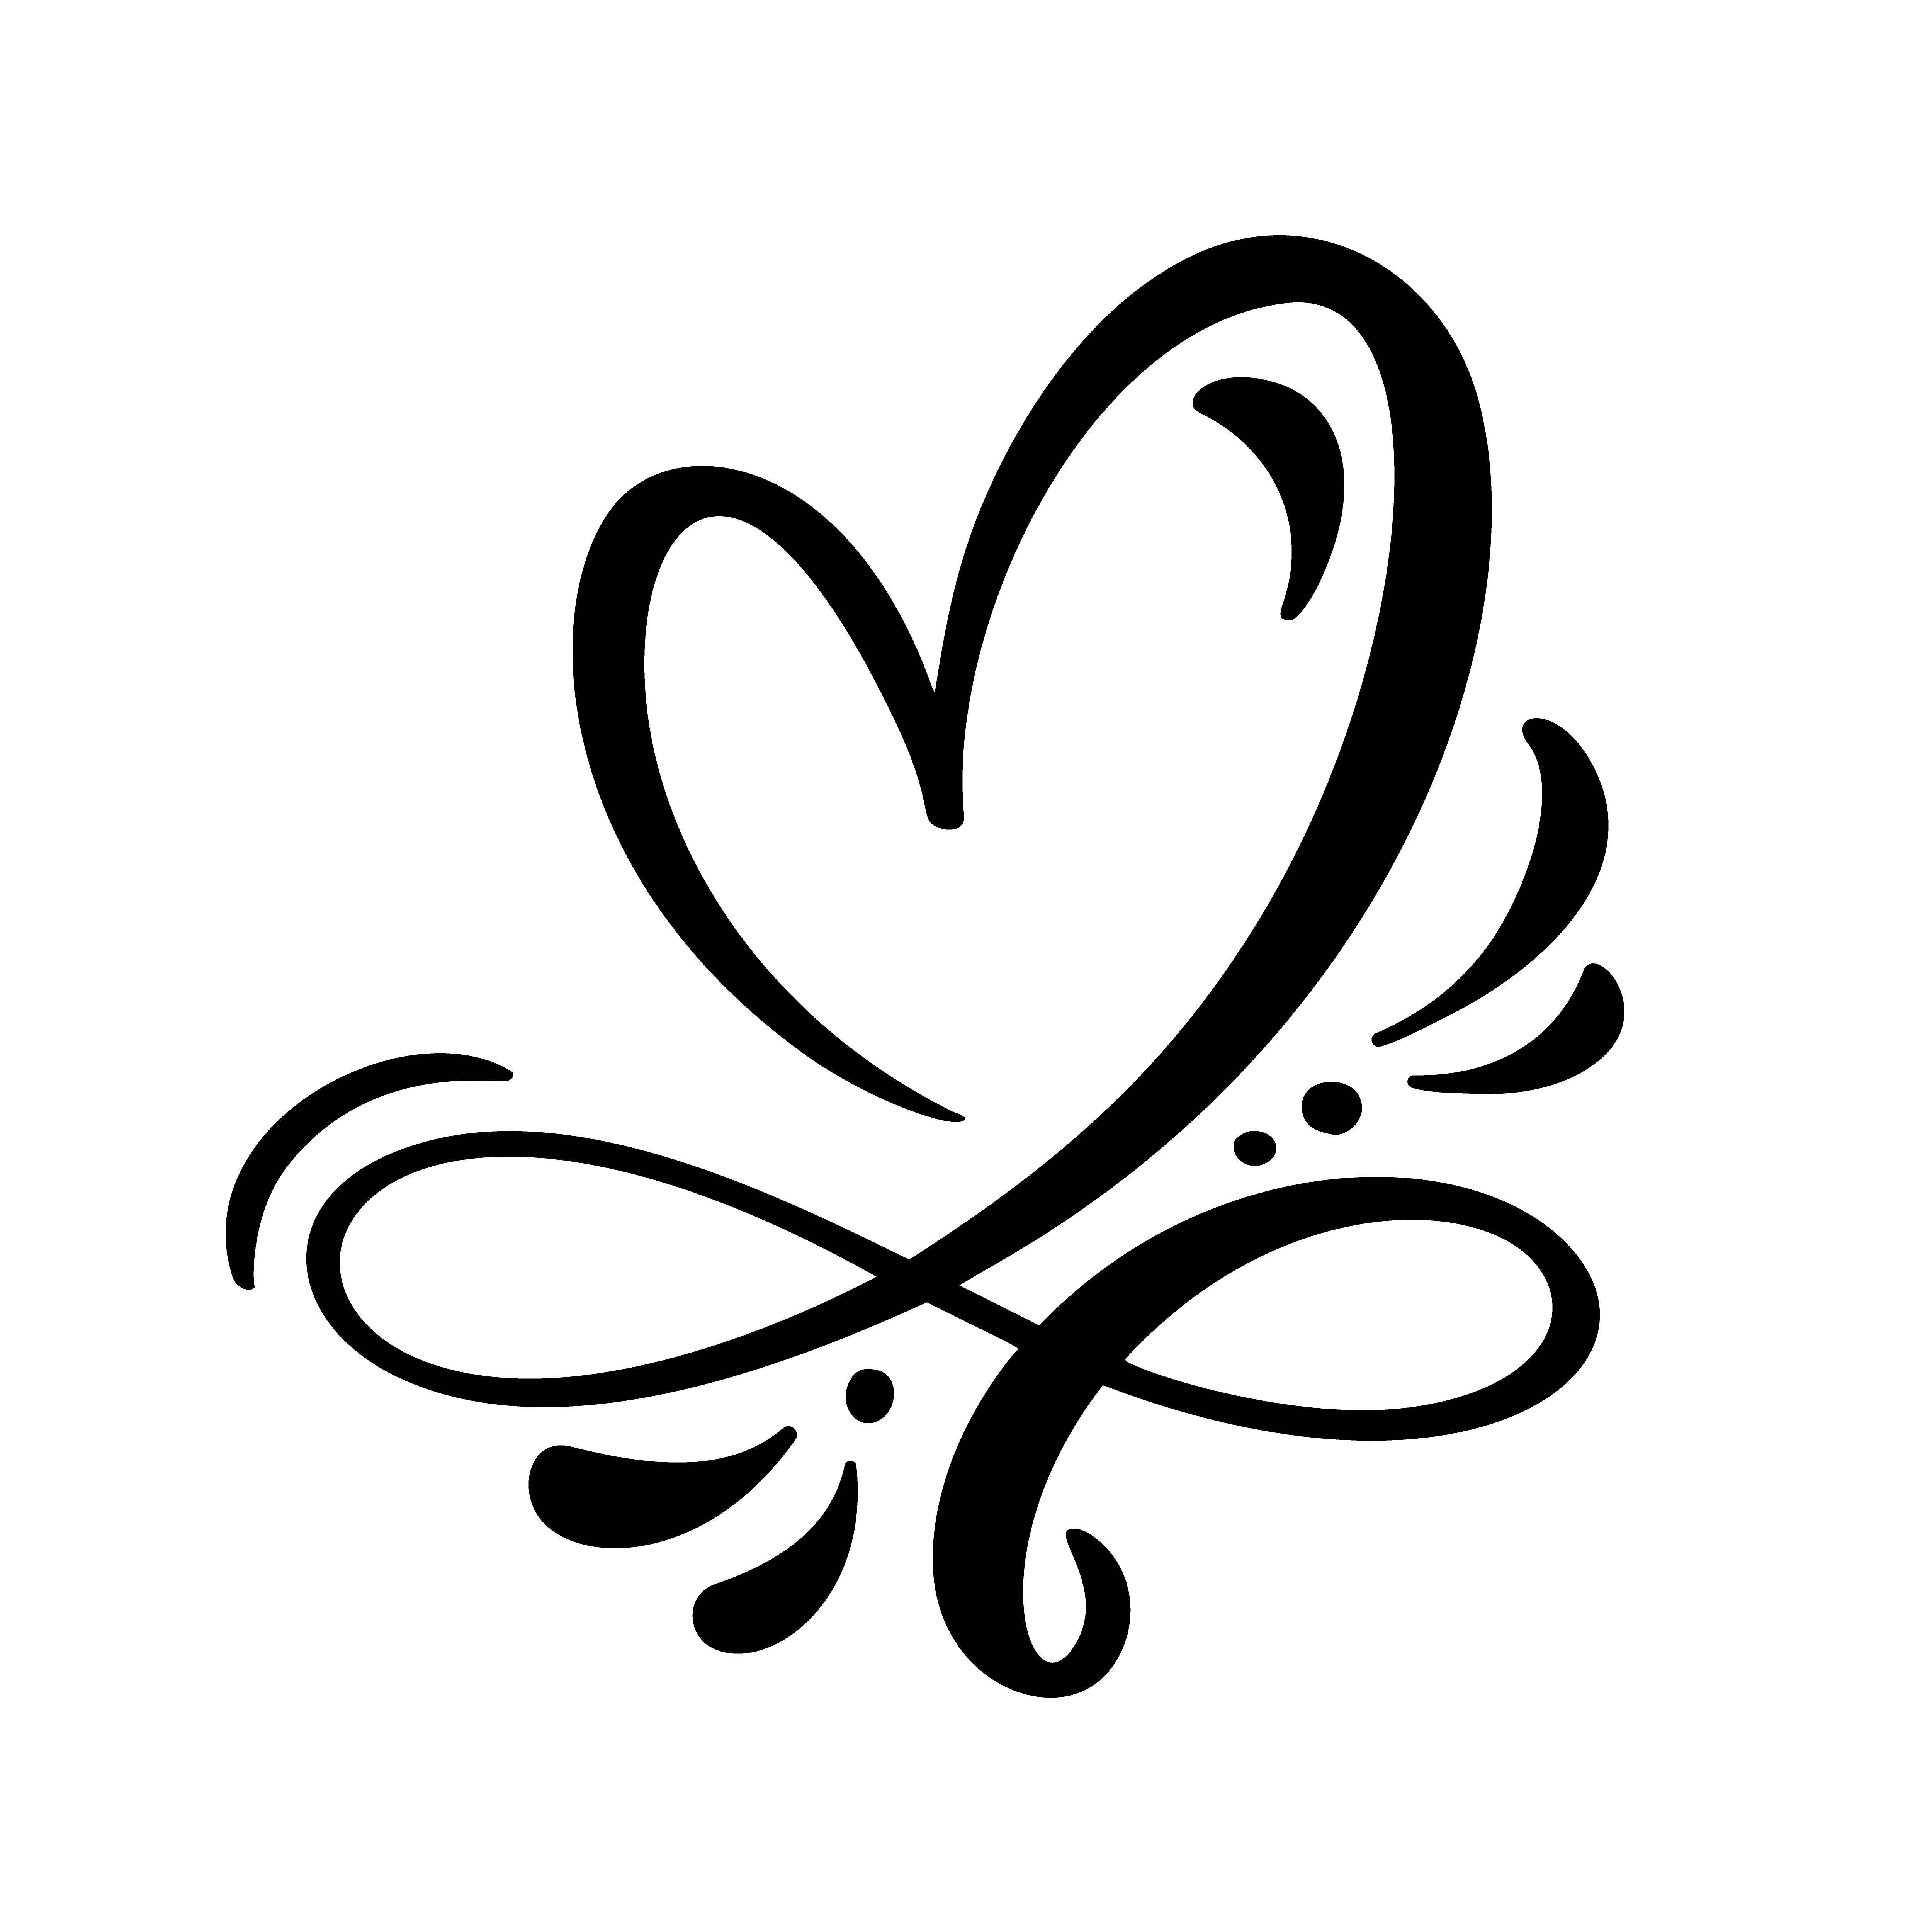 Herz Liebe Zeichen Vektor-Illustration - Download